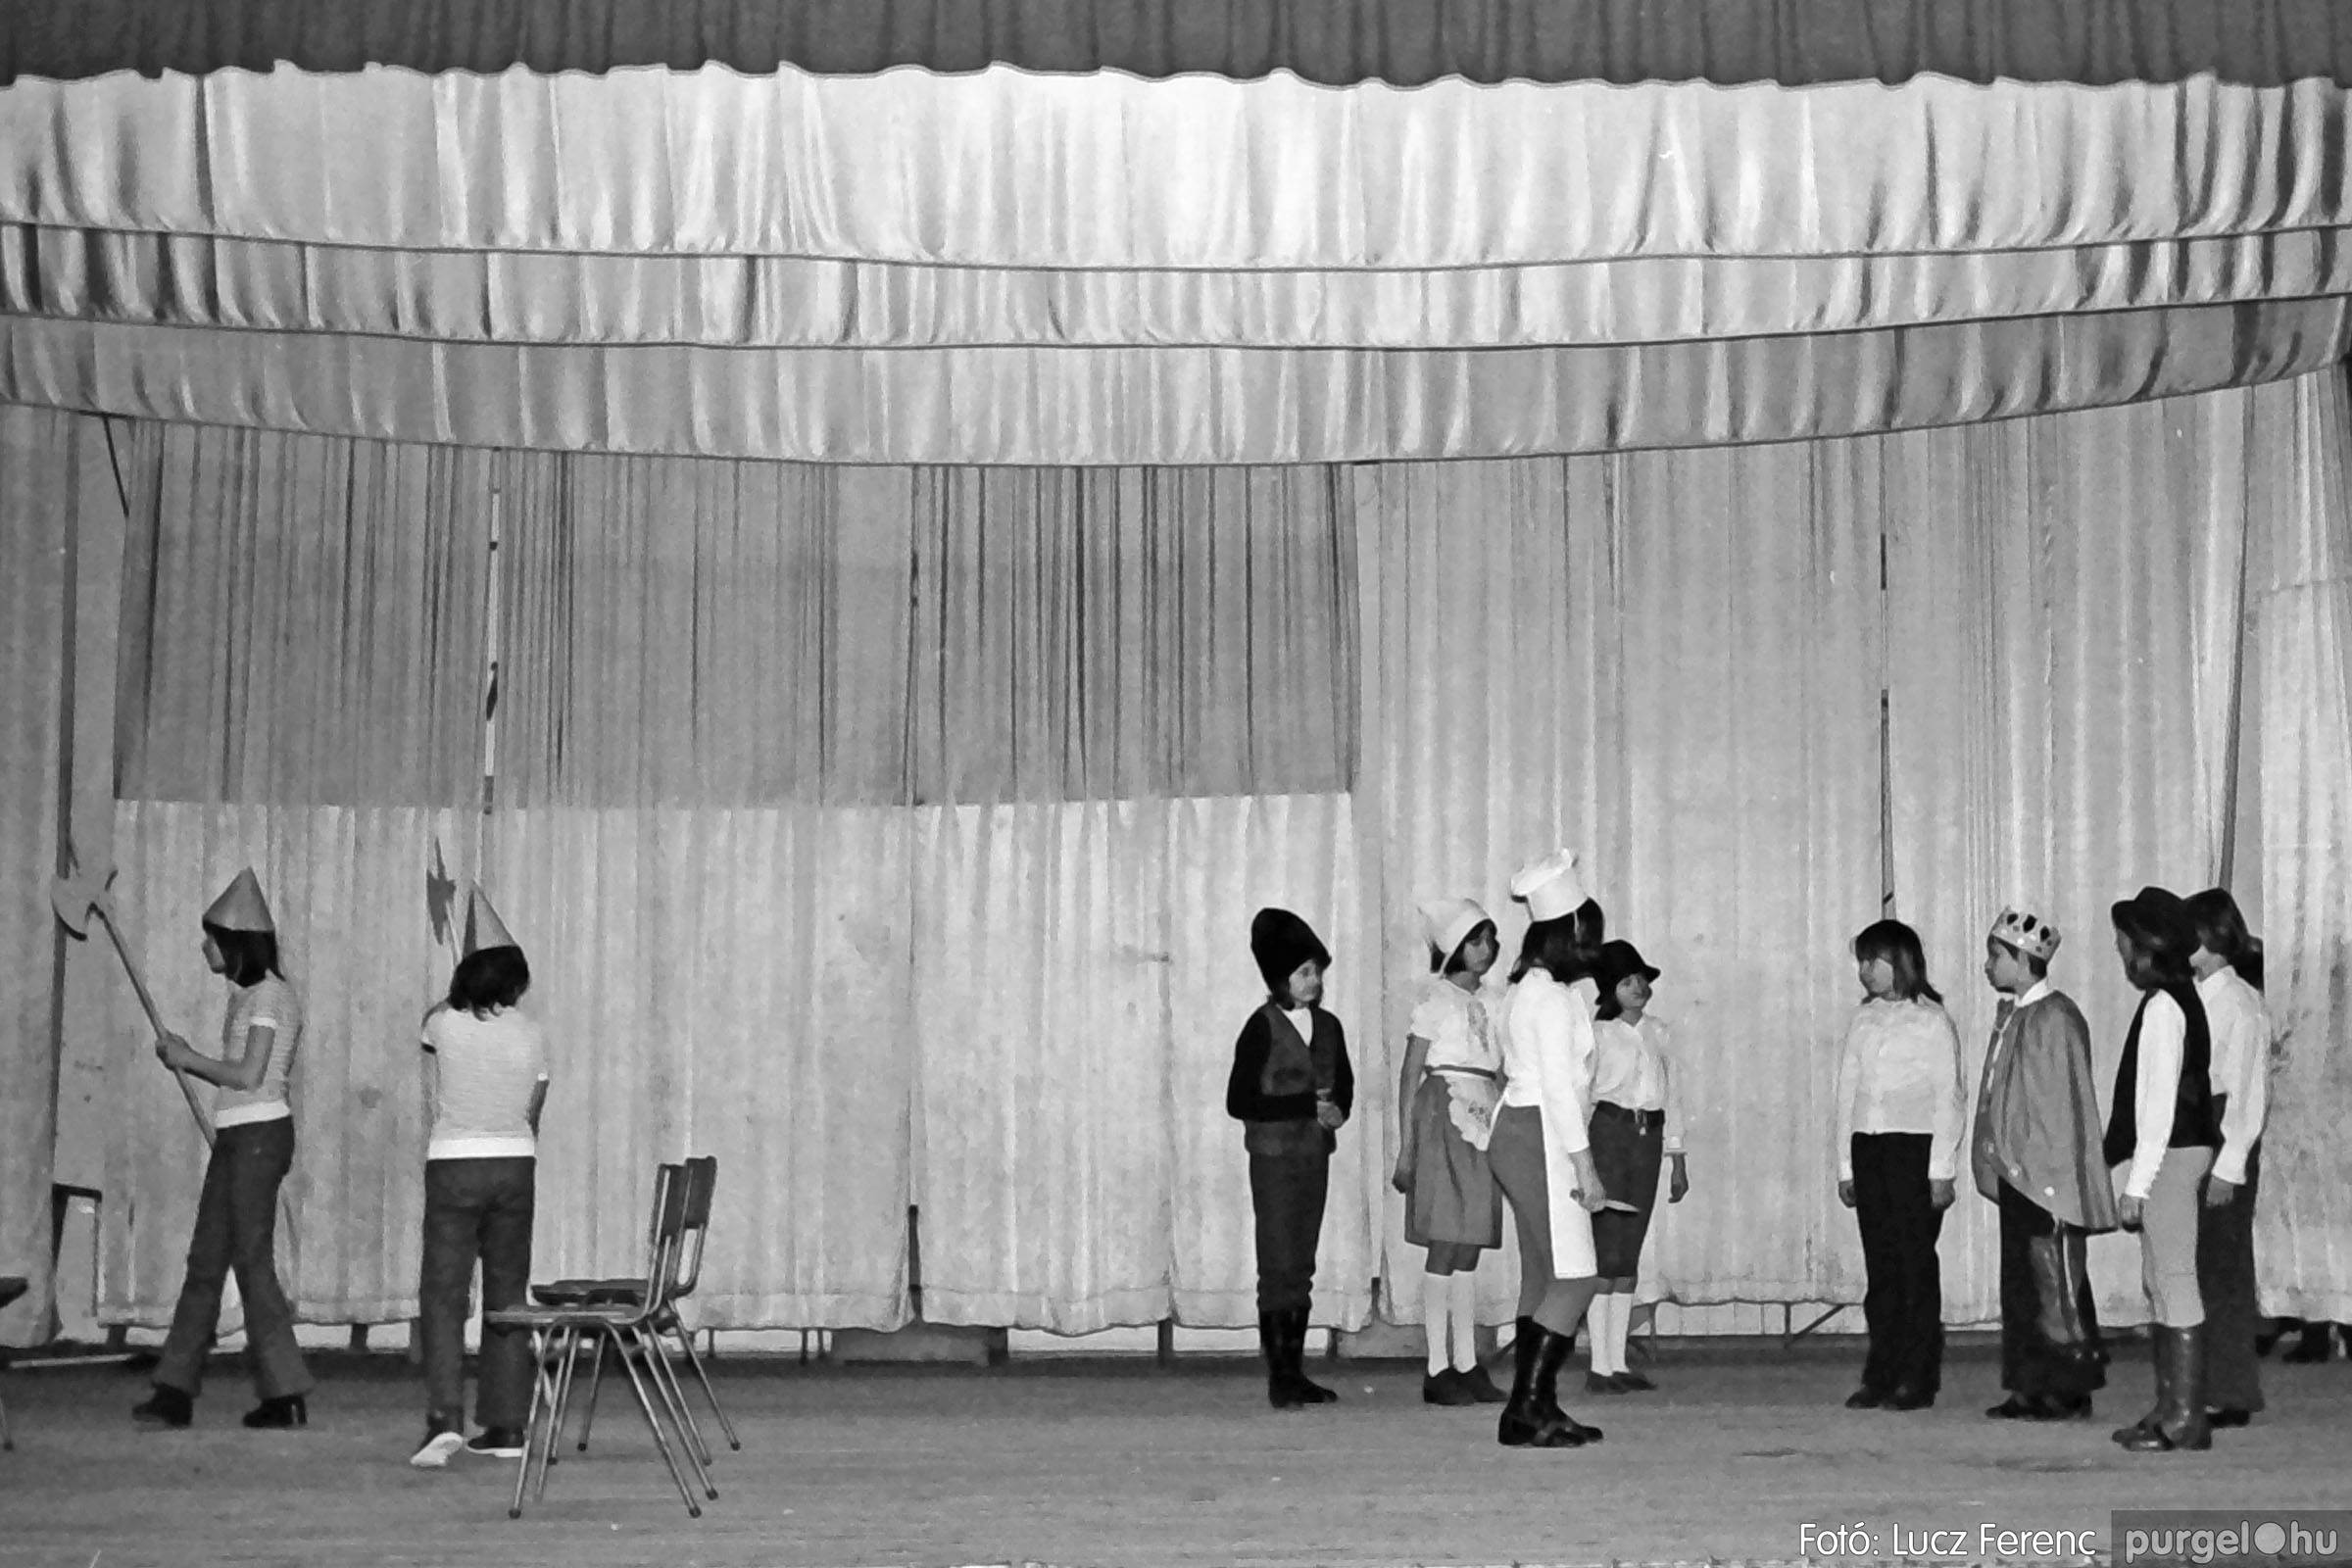 036-037. 1976. Diákprogram a kultúrházban 029 - Fotó: Lucz Ferenc.jpg